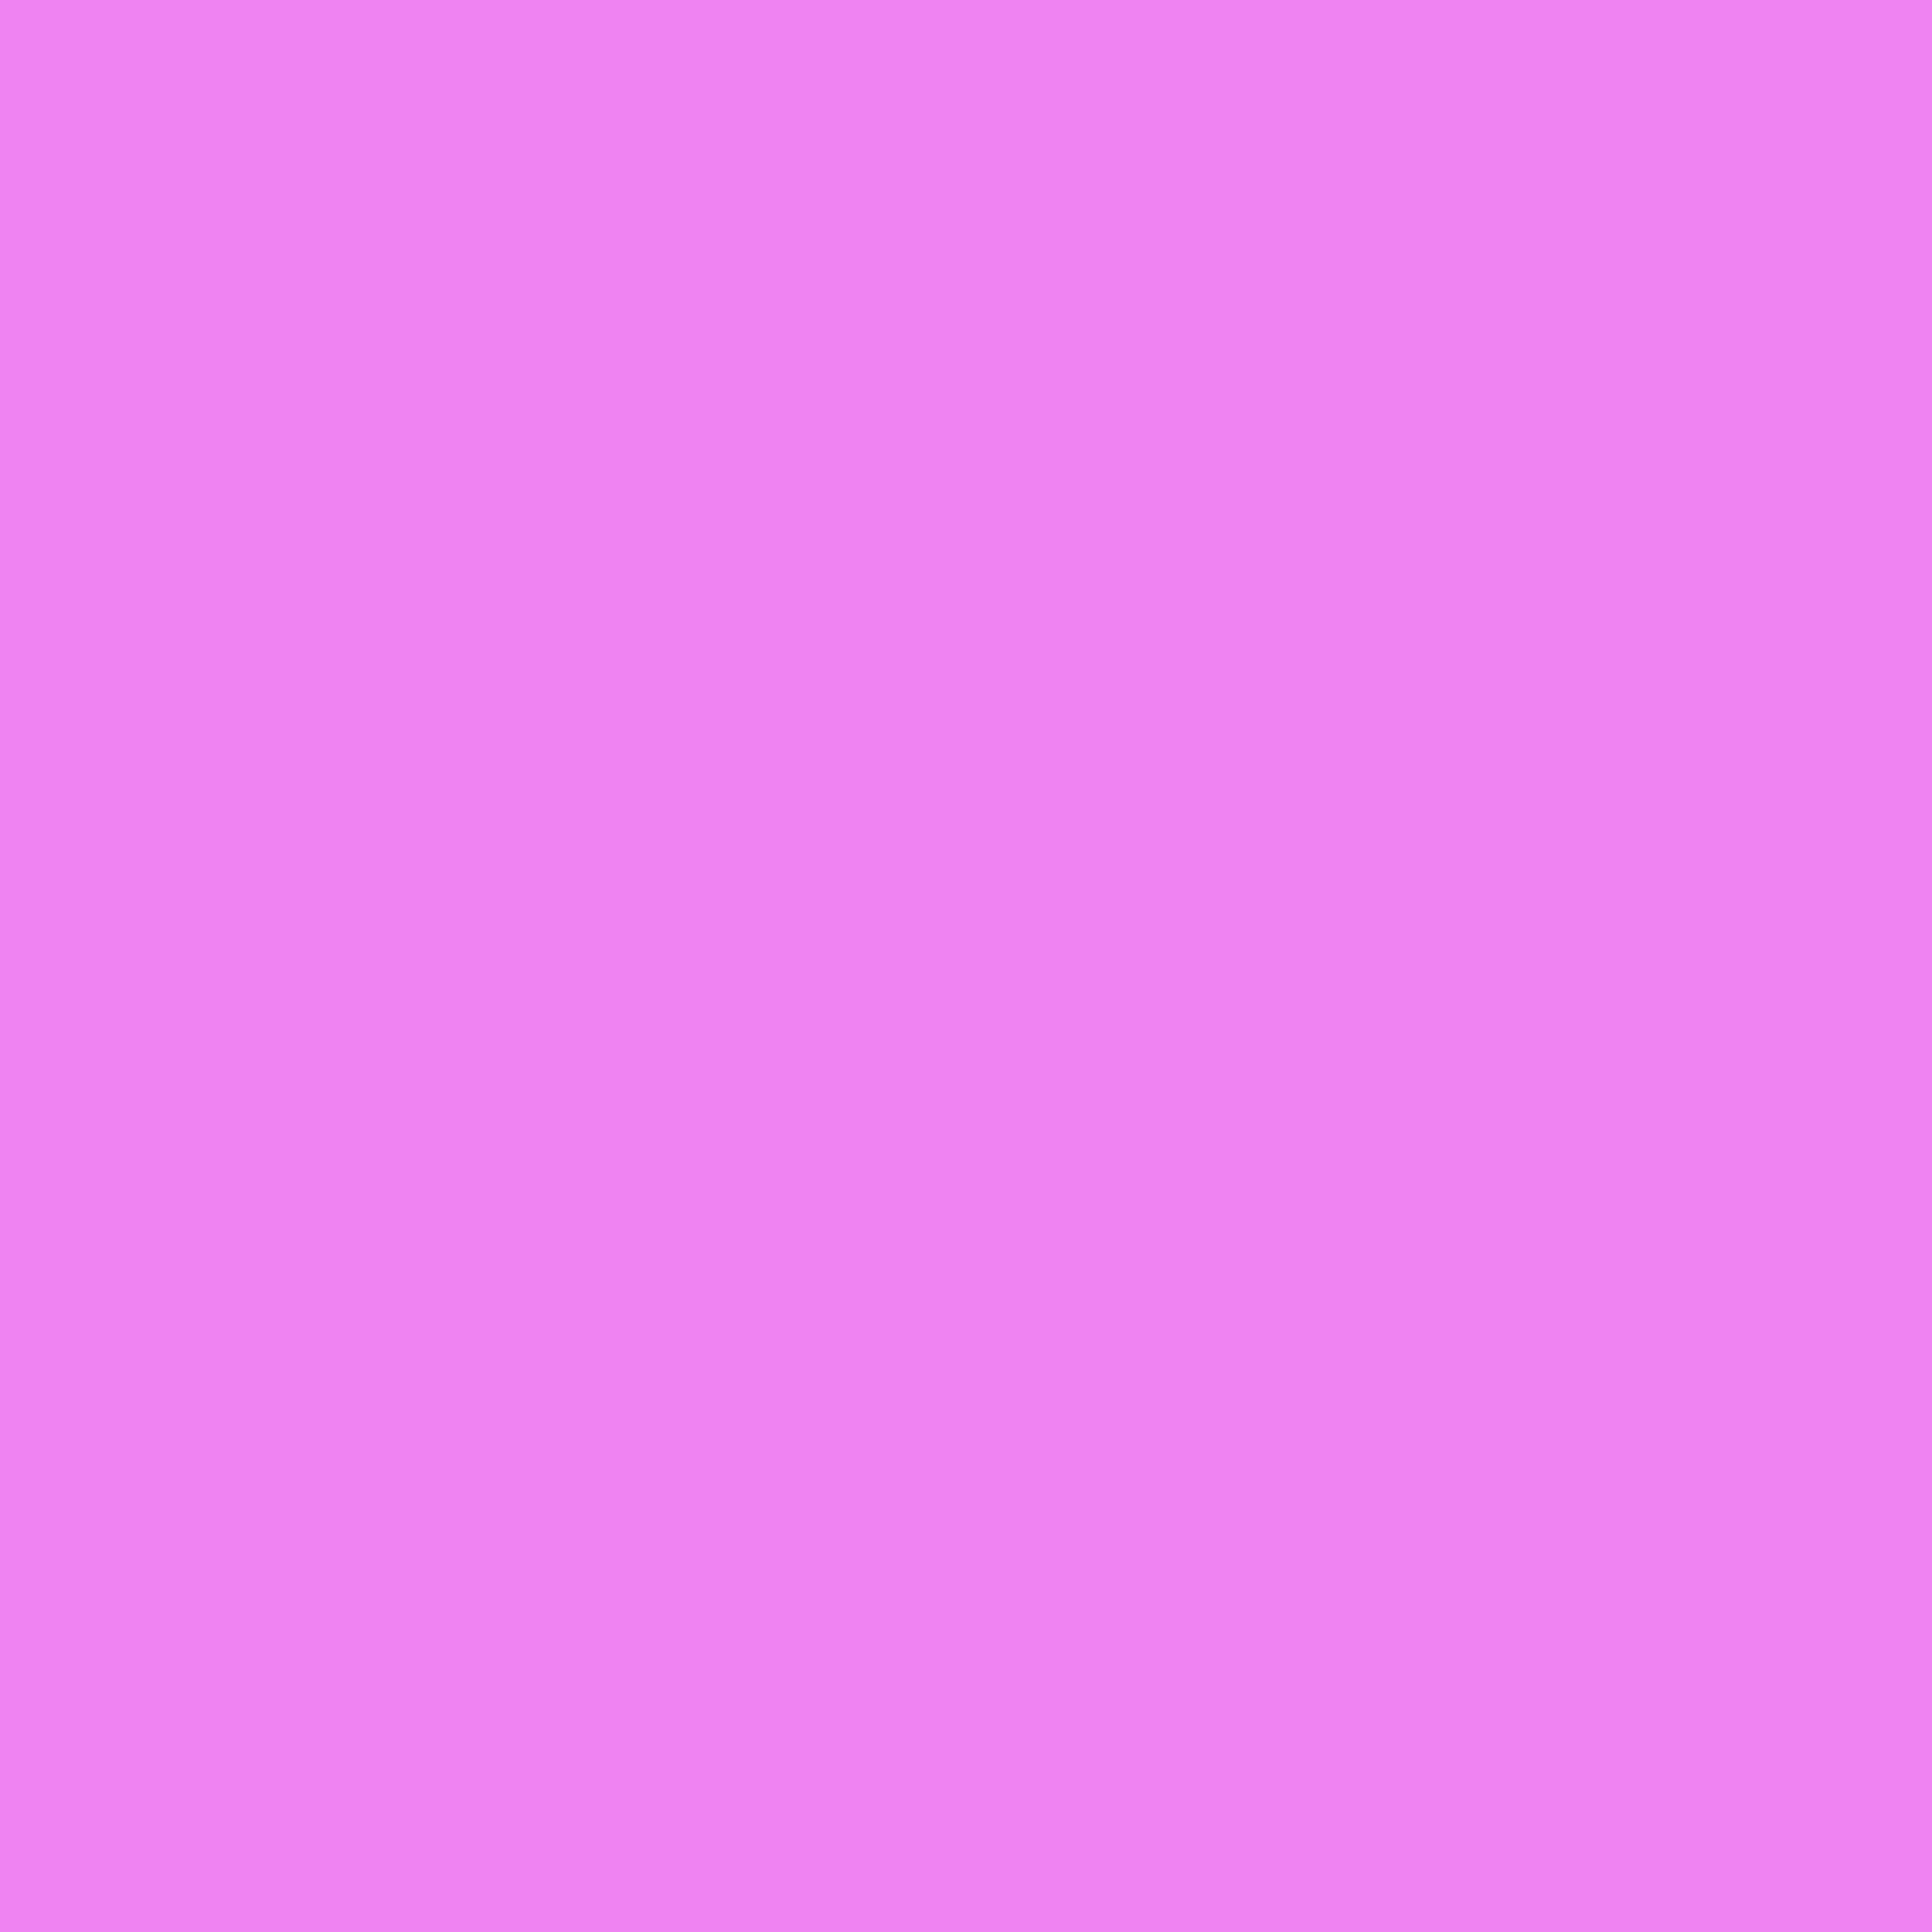 2048x2048 Violet Web Solid Color Background